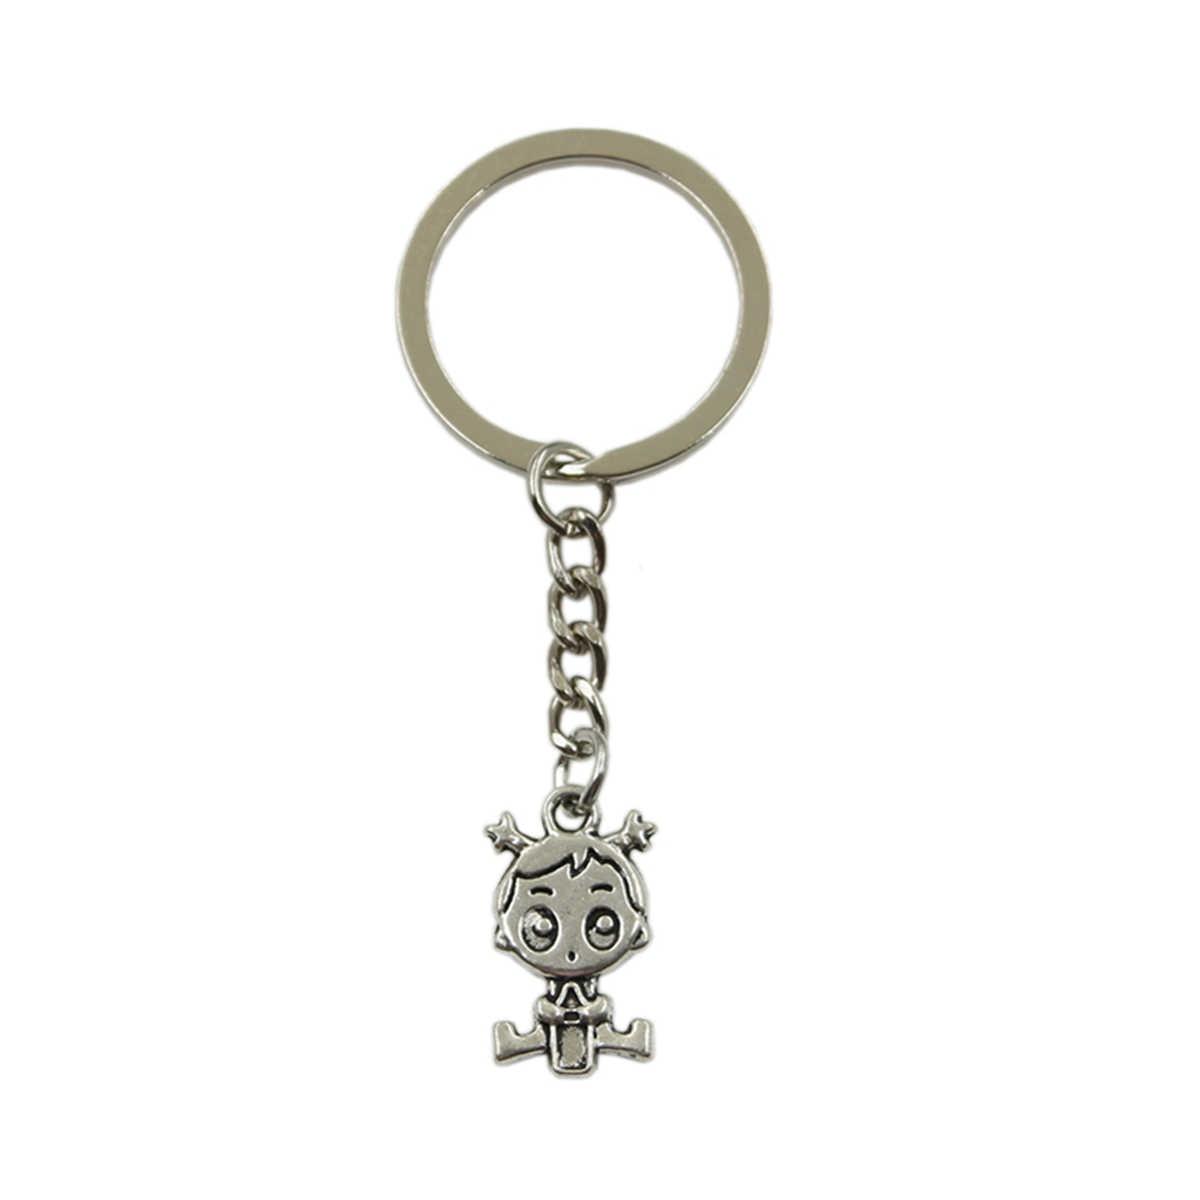 سعر المصنع طفلة قلادة حلقة رئيسية سلسلة معدنية الفضة الرجال سيارة هدية تذكارية المفاتيح دروبشيبينغ